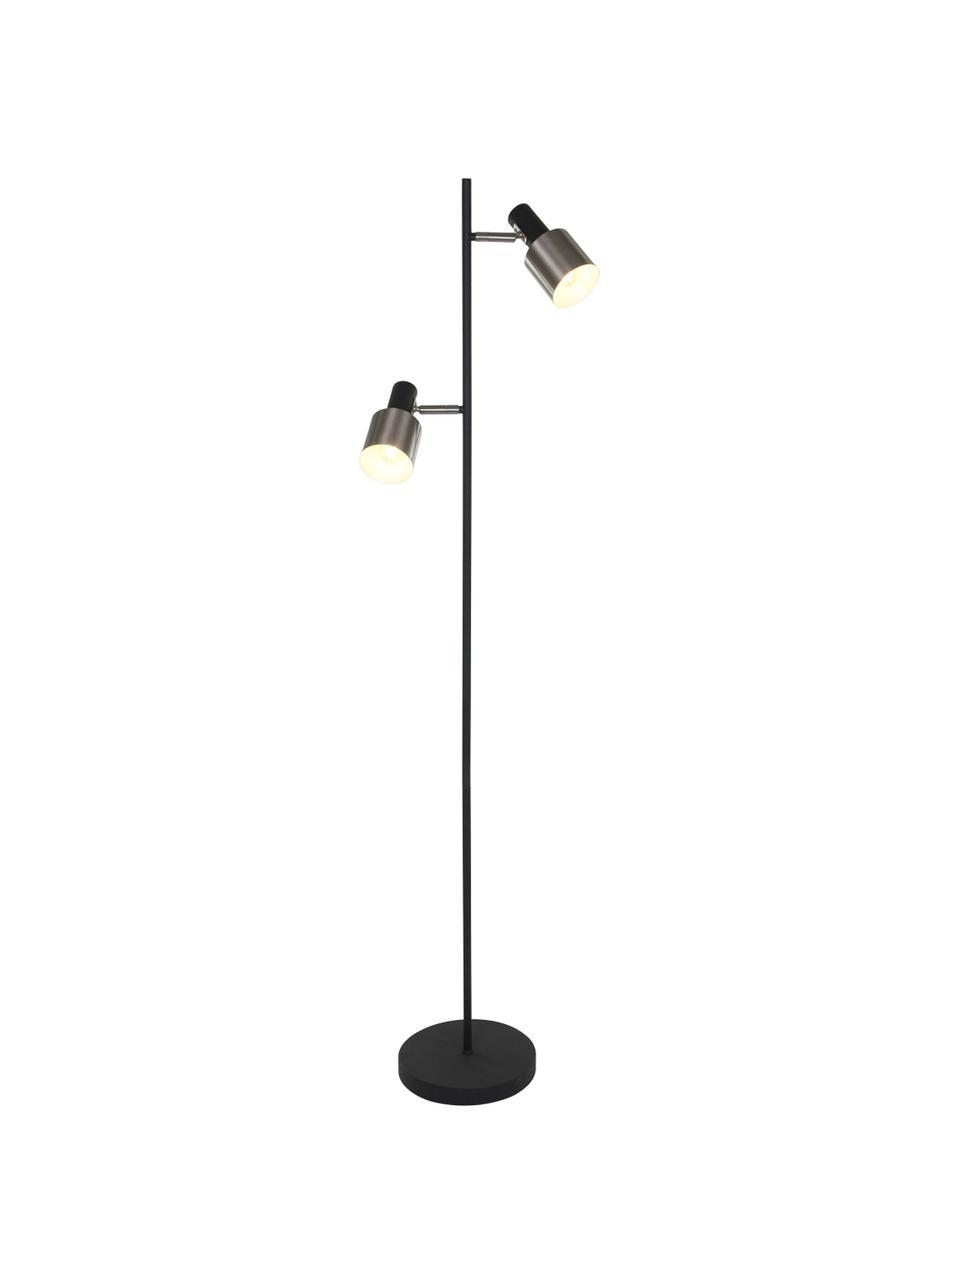 Stehlampe Fjorgard aus Metall, Lampenschirm: Metall, lackiert, Lampenfuß: Metall, lackiert, Schwarz, Silberfarben, matt, Ø 30 x H 155 cm